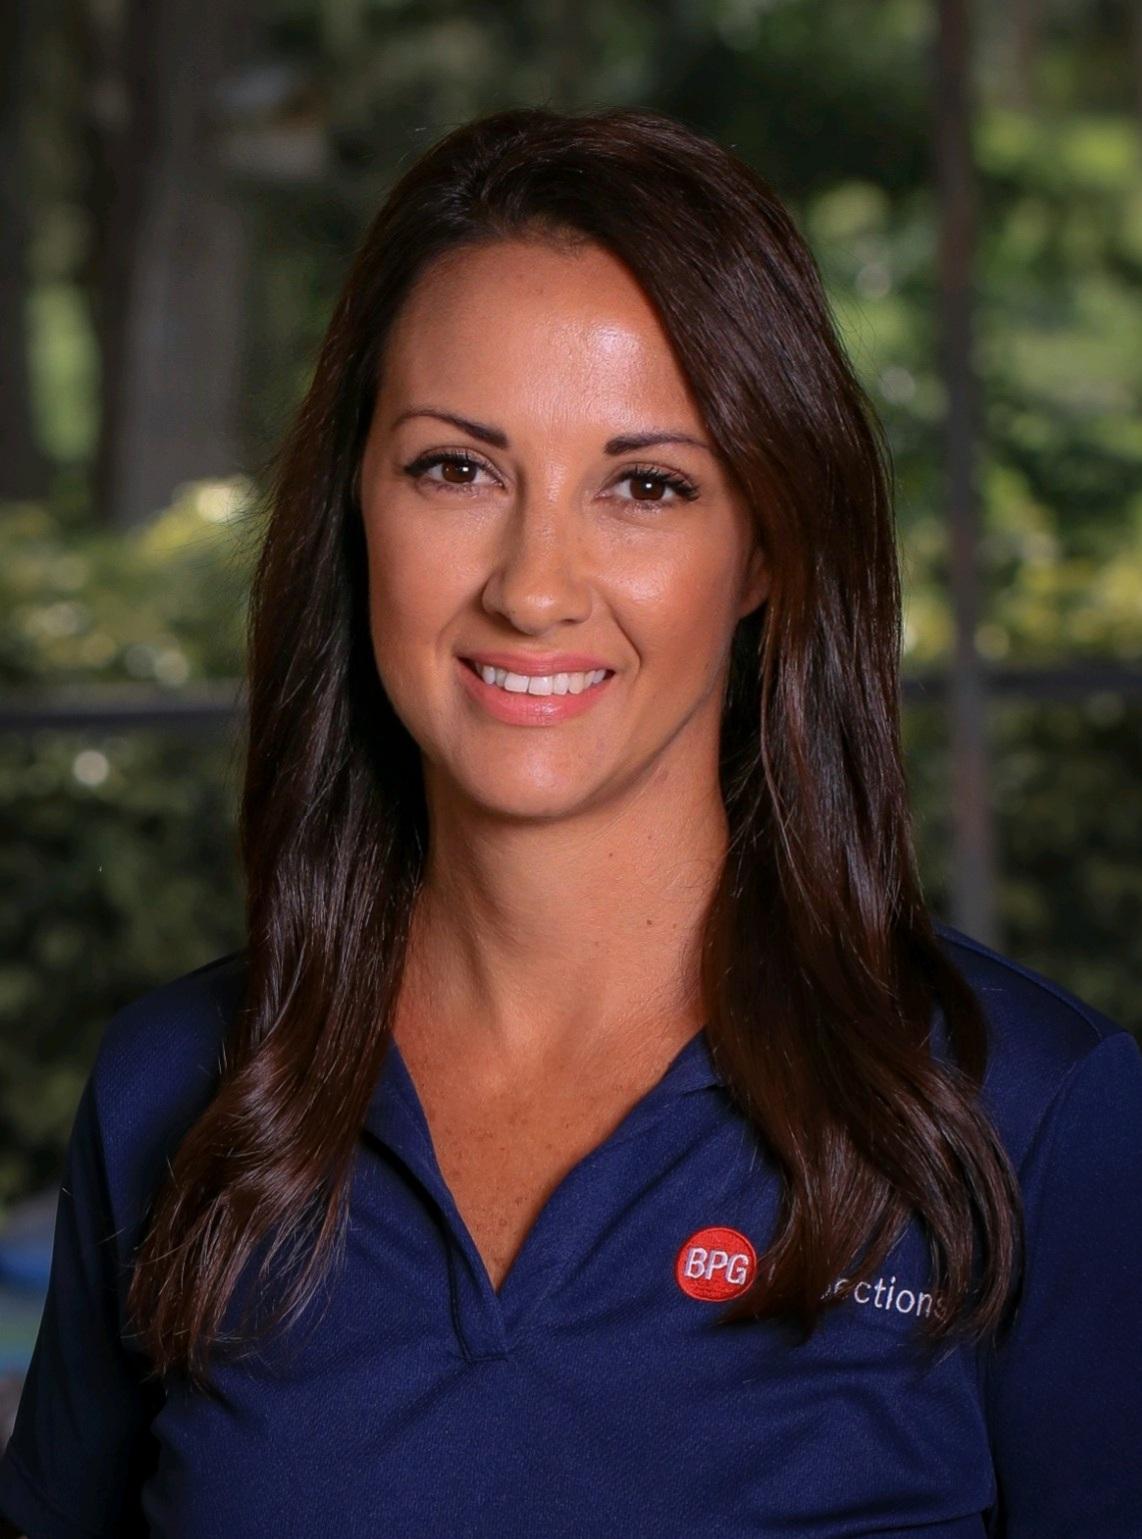 Jill O'Connor